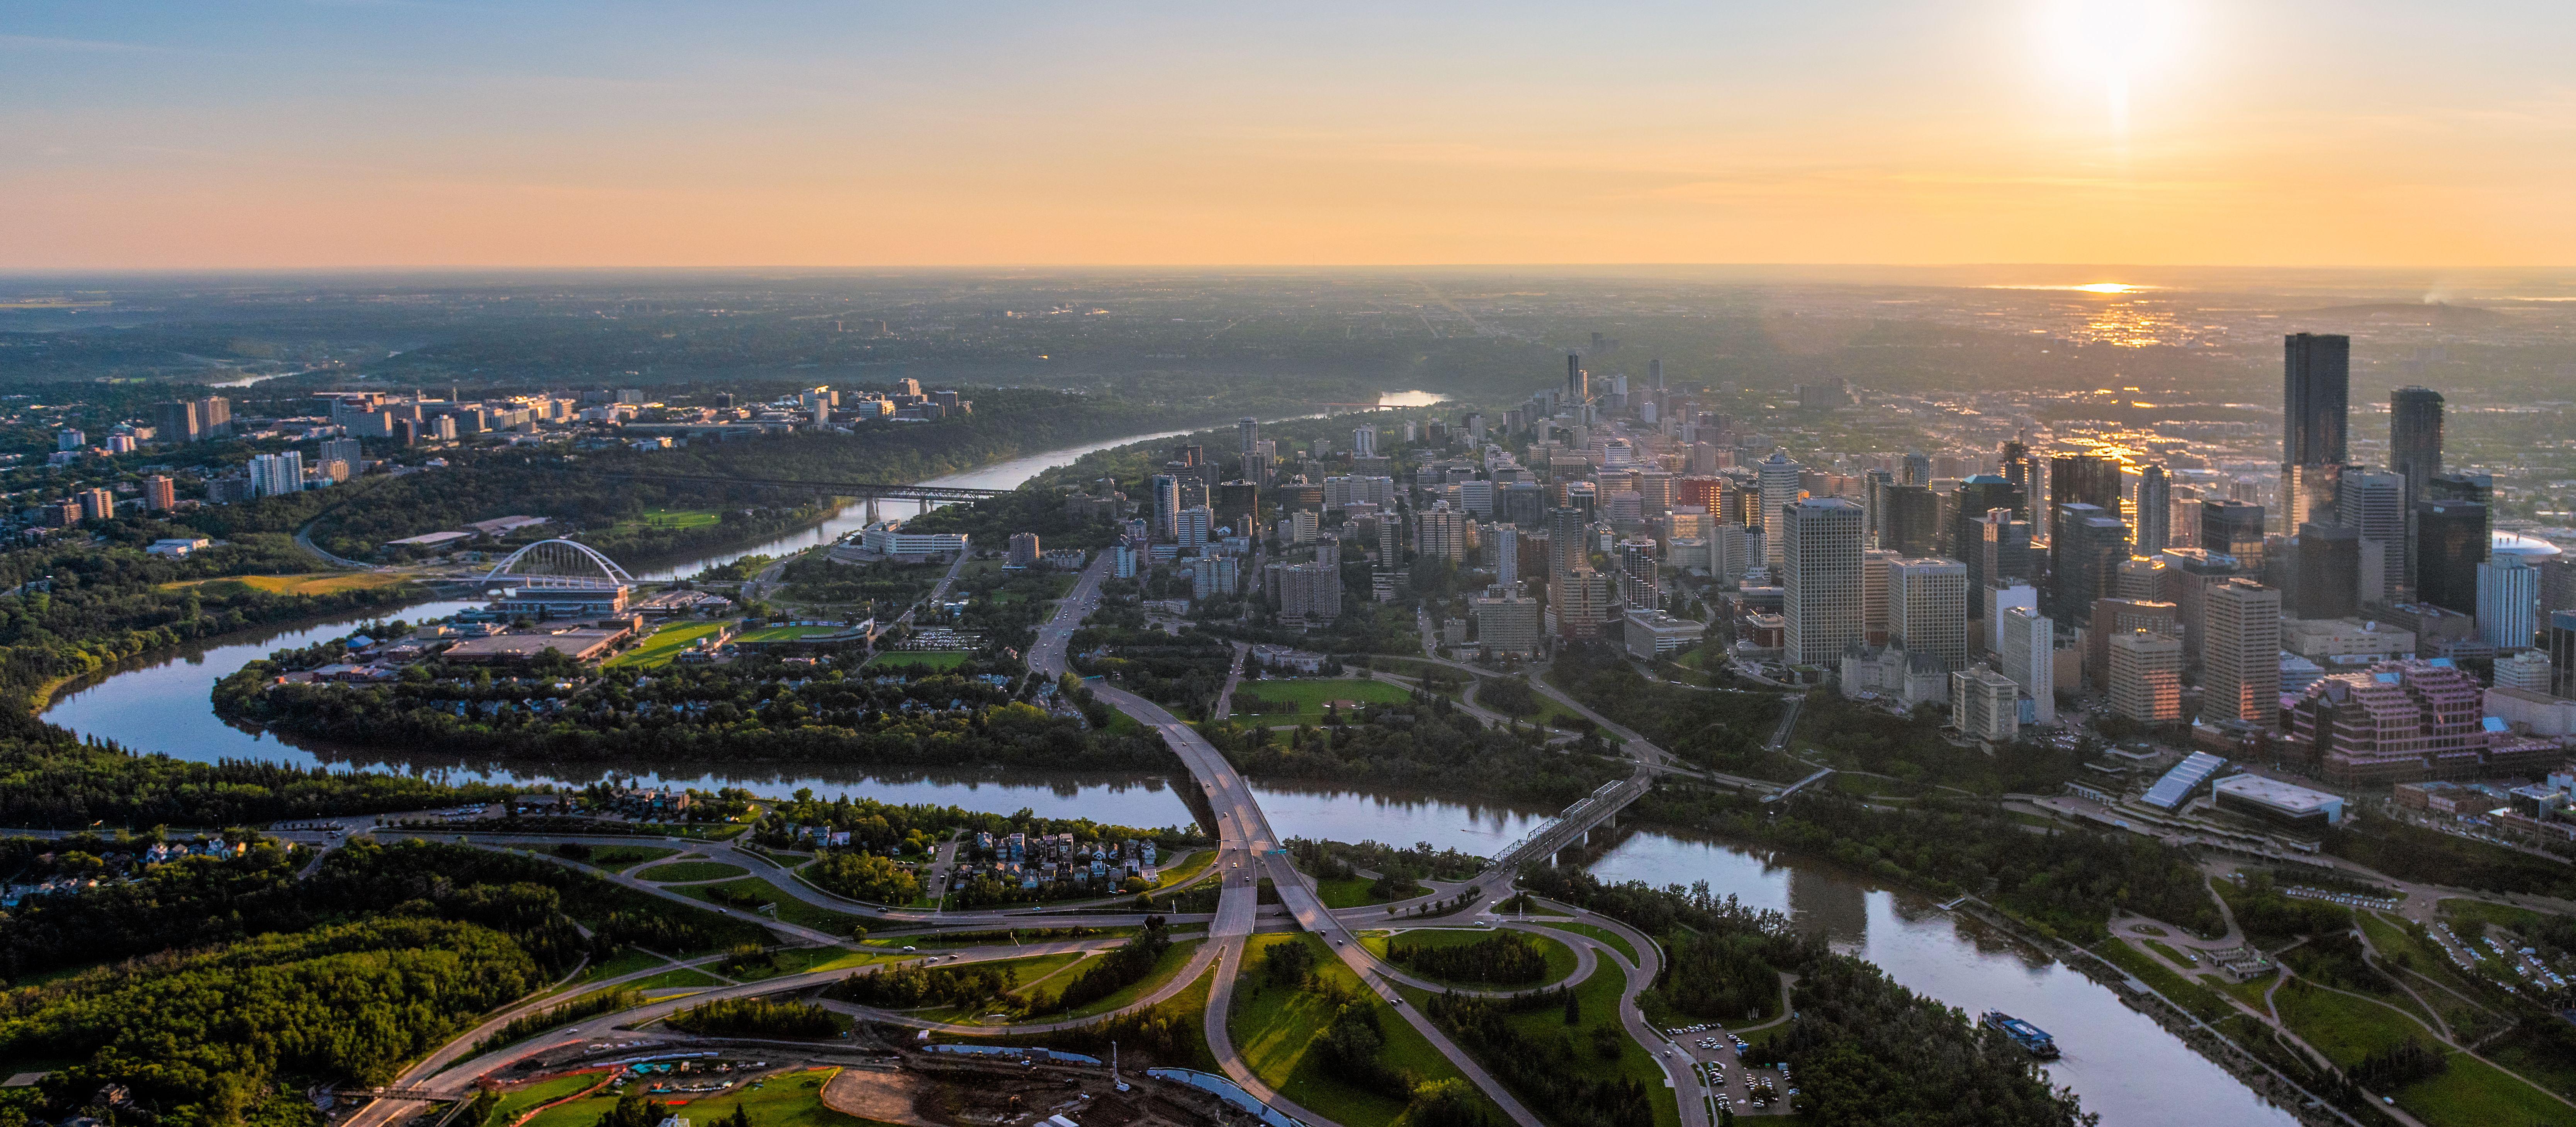 Die kanadische Stadt Edmonton aus der Vogelperspektive